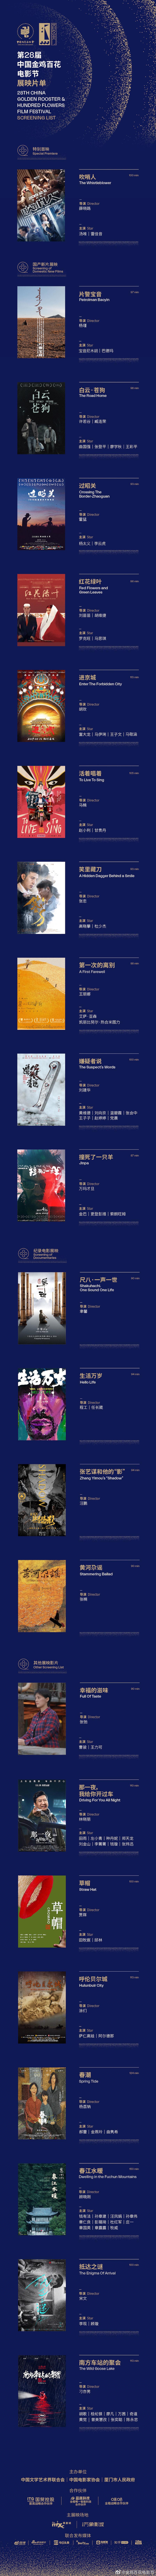 金鸡百花电影节展映单元国产影片片单发布